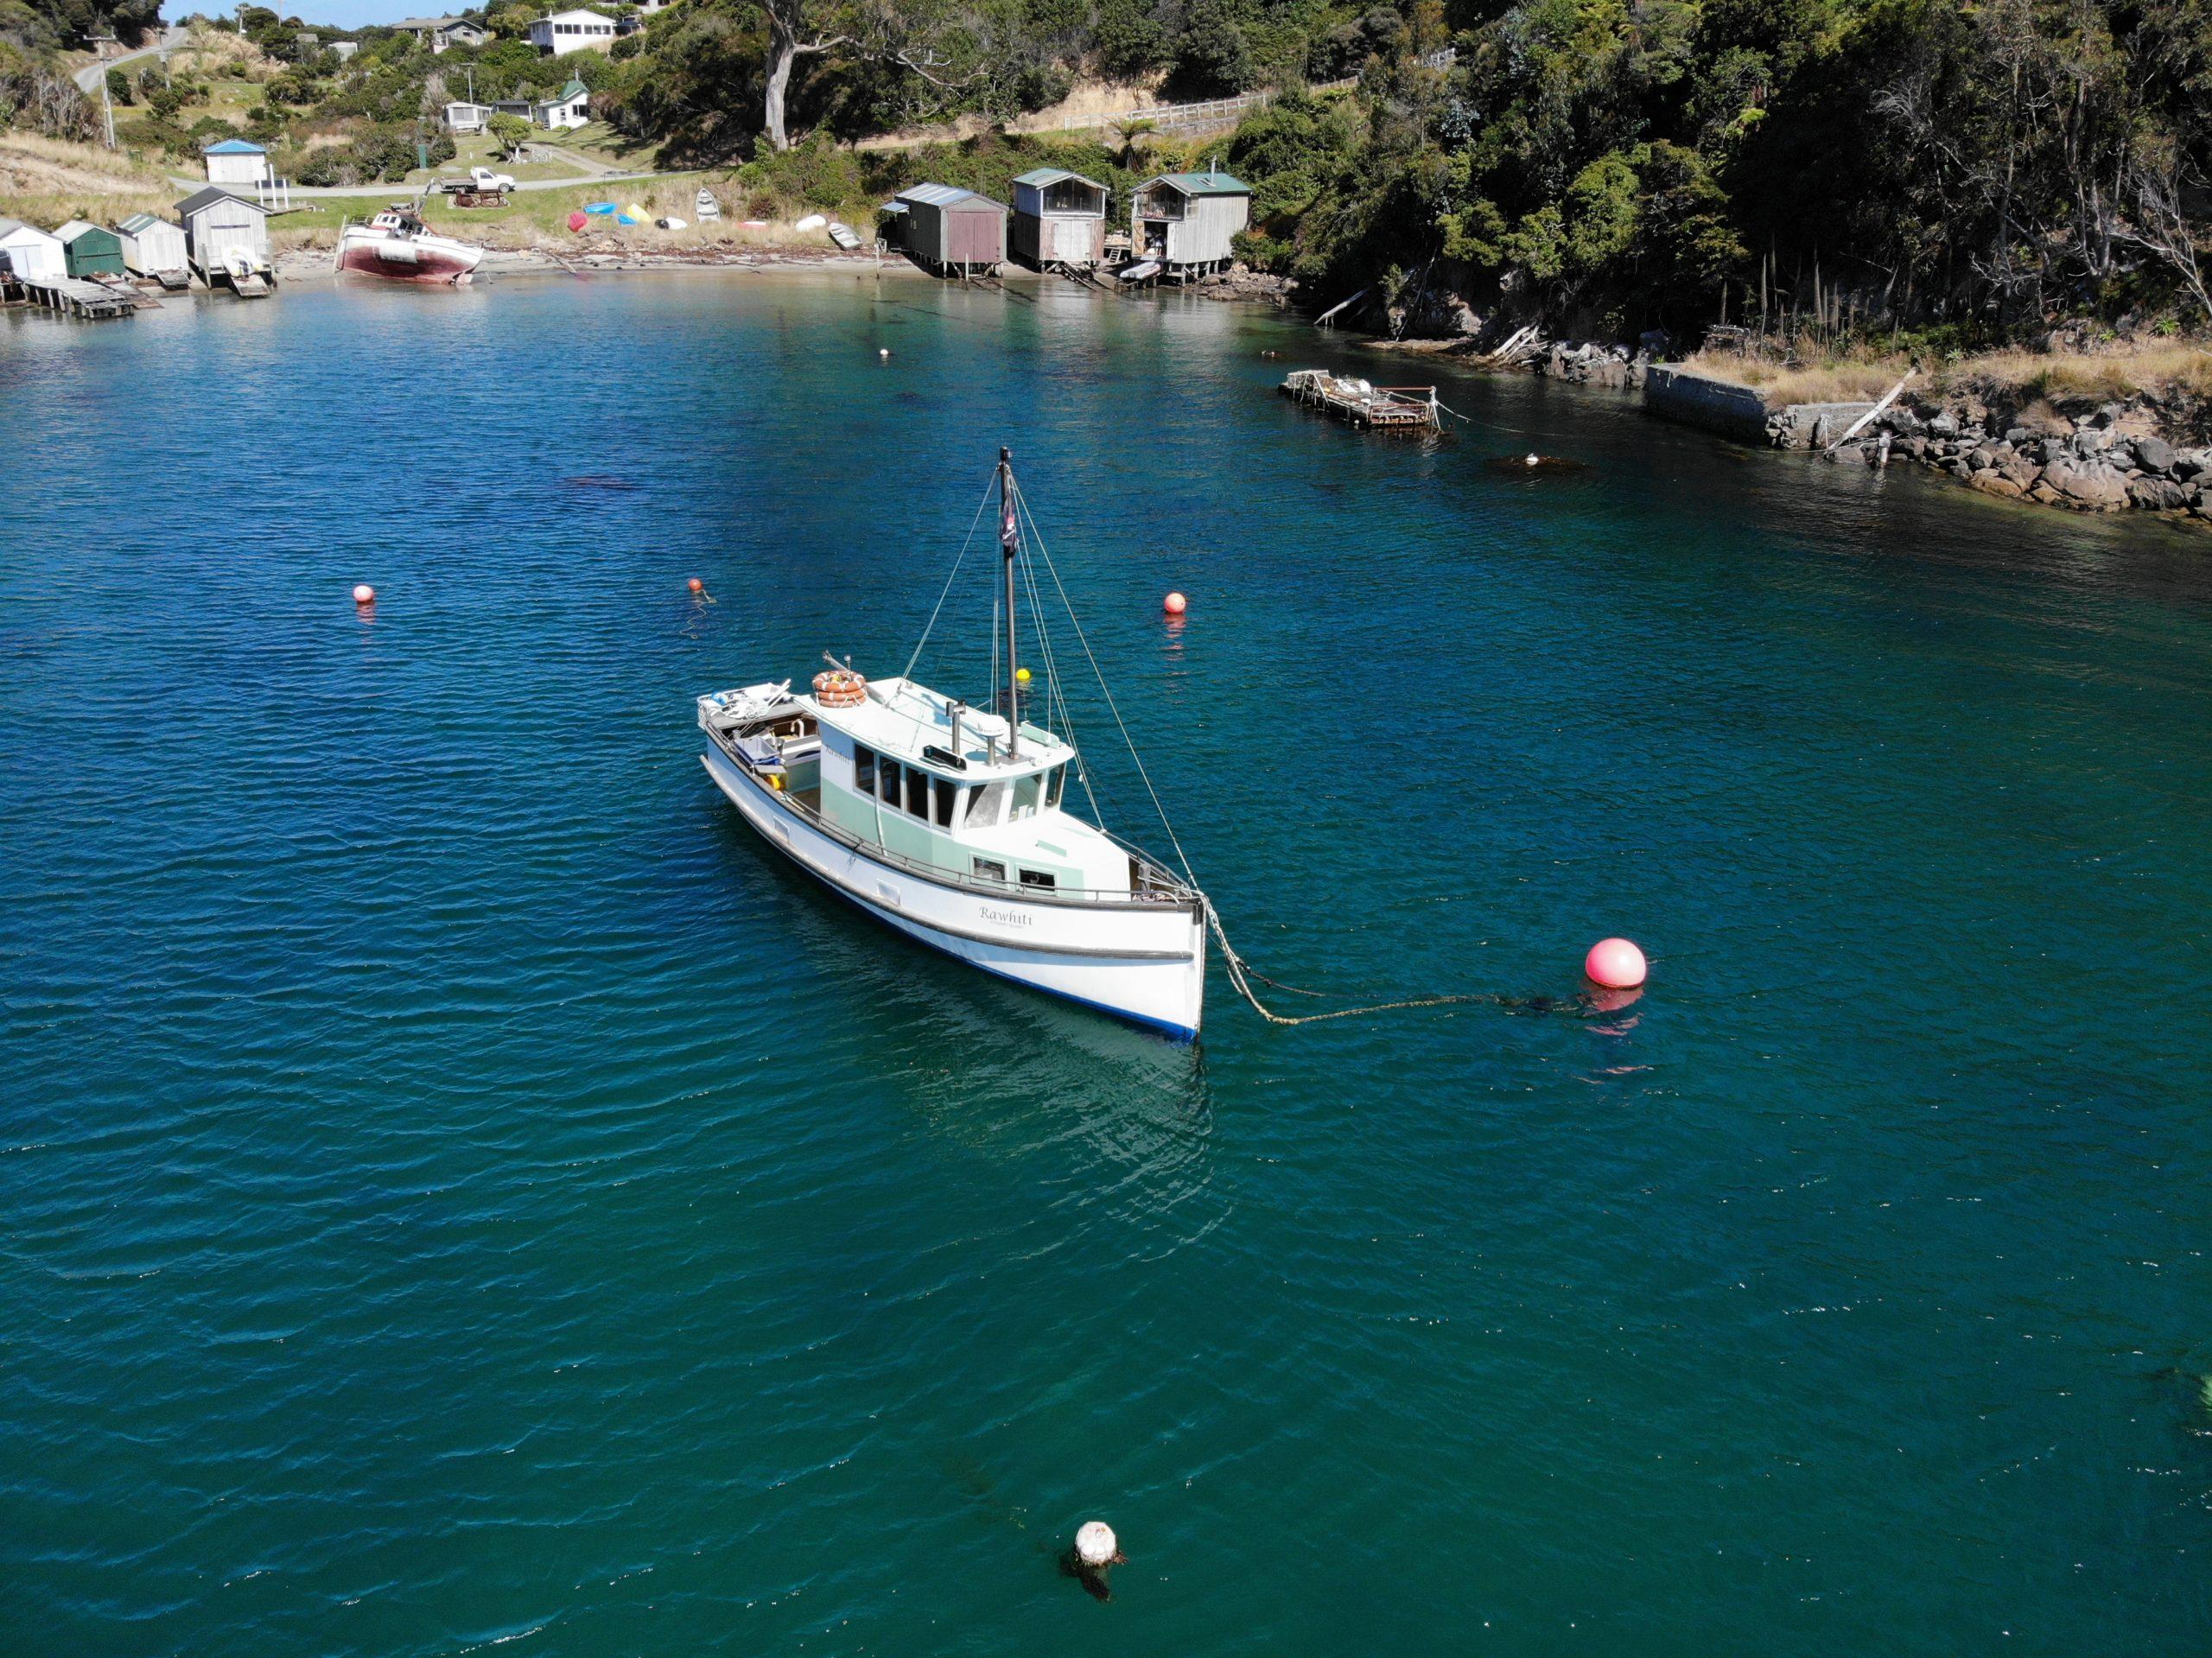 Rawhiti - Stewart Island Fishing Charters Vessel